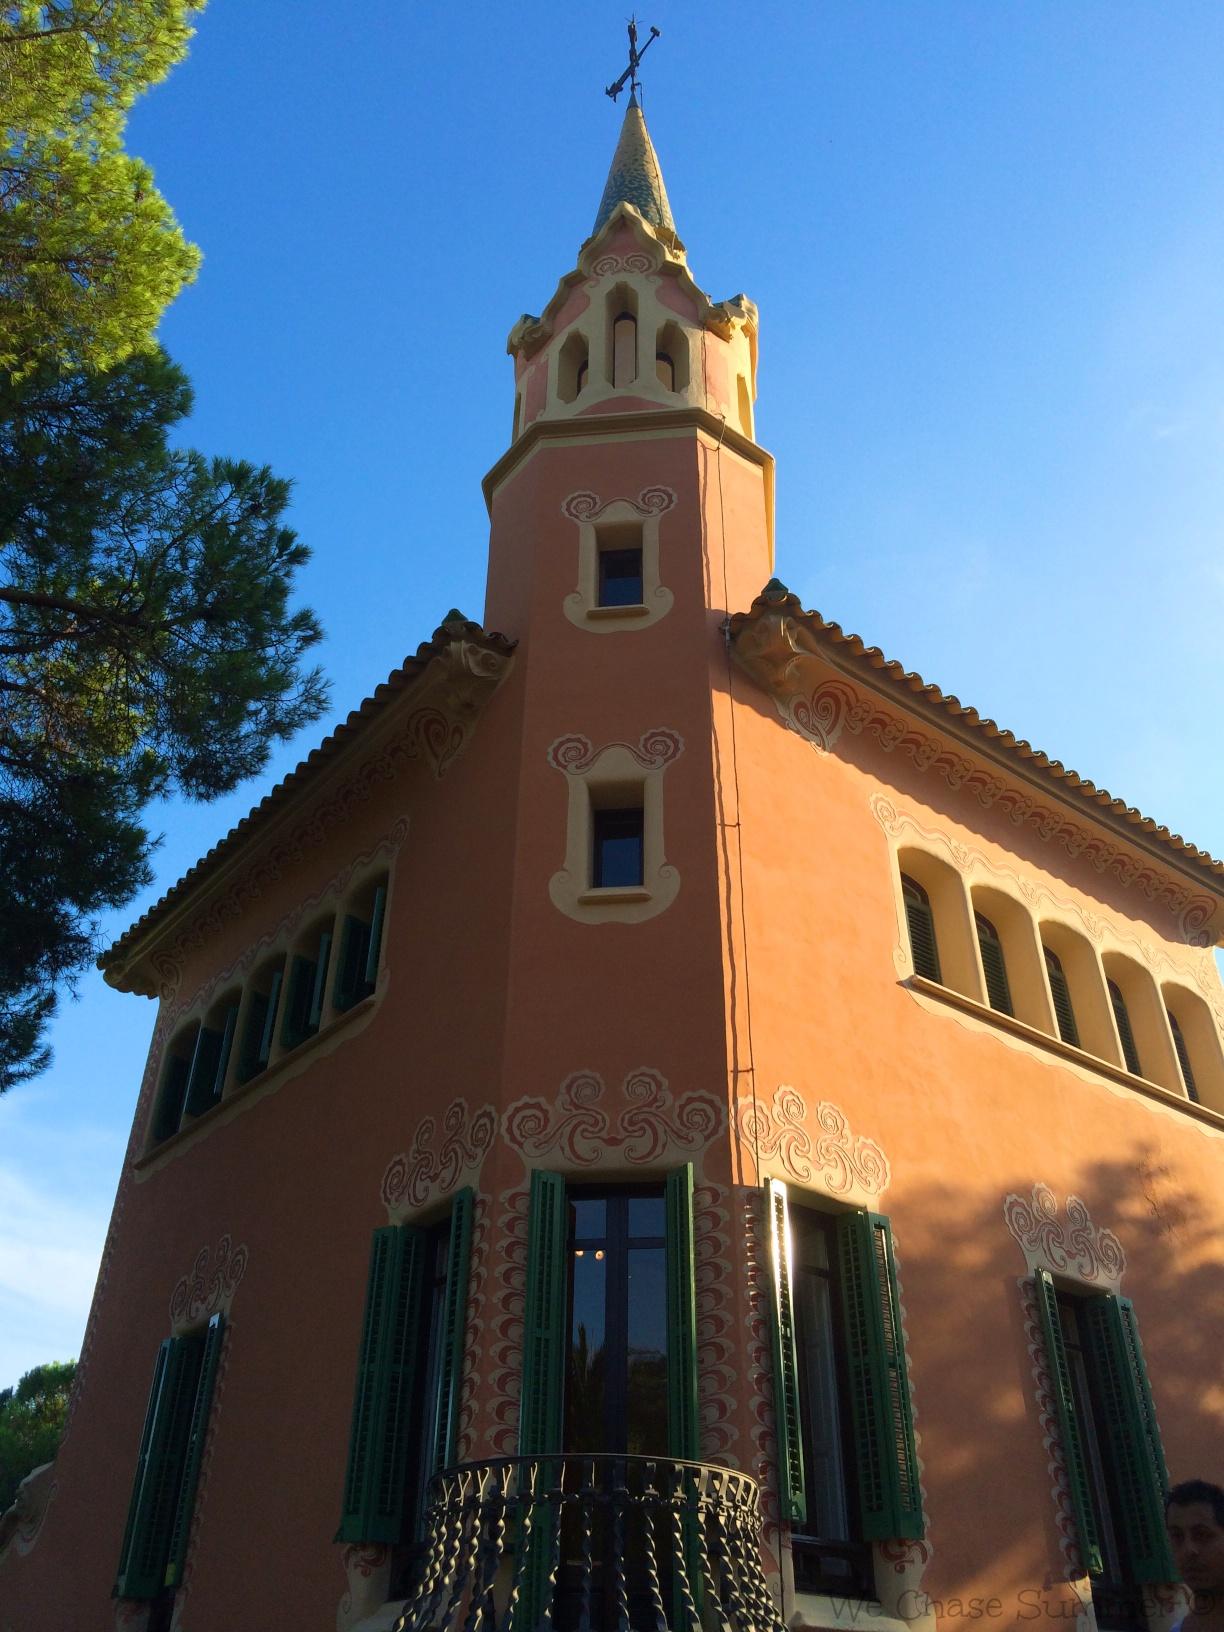 Gaudi's House Museum